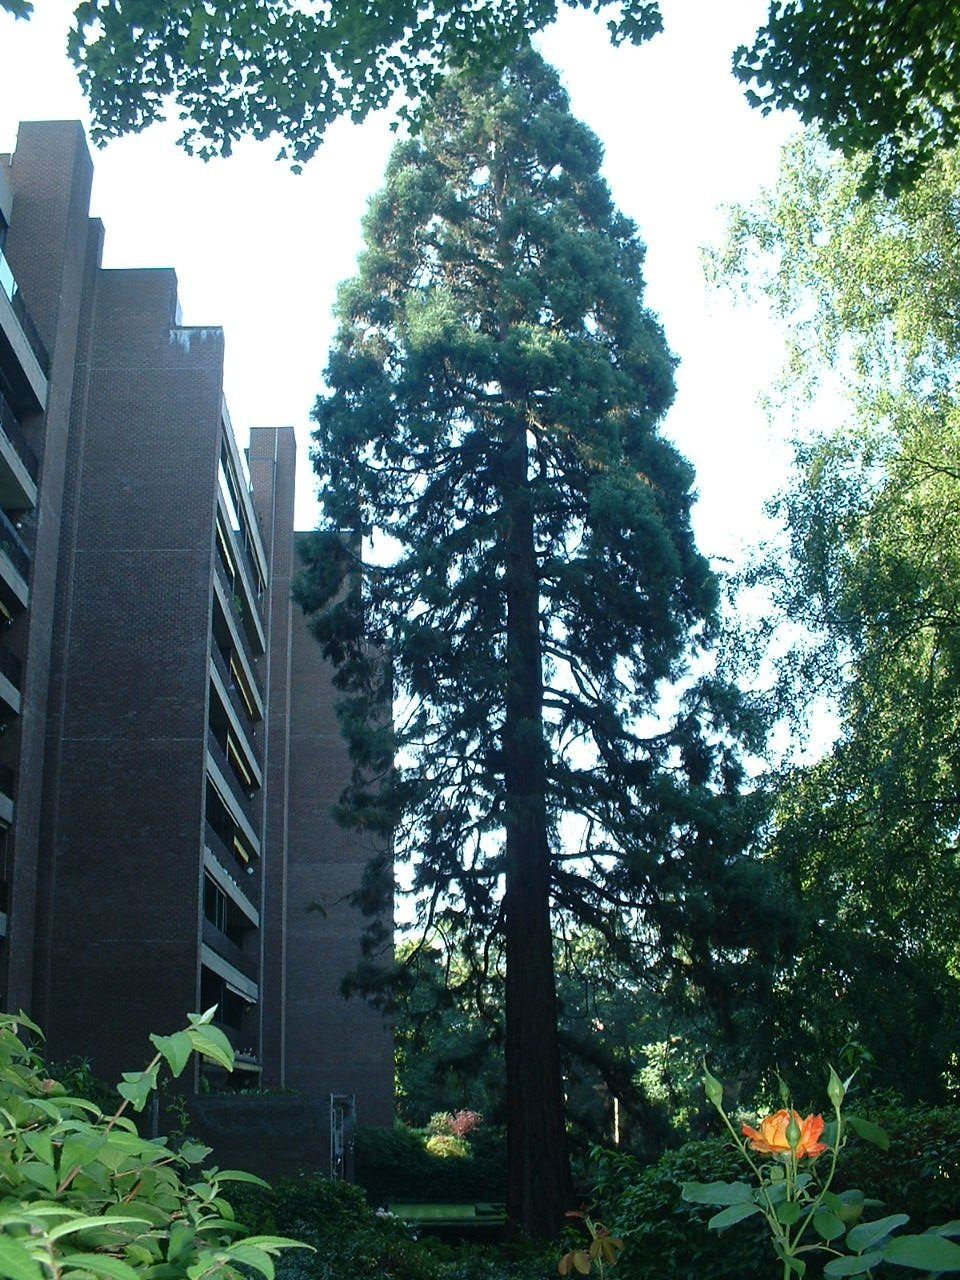 Sequoia géant – Uccle, Parc Cherridreux, parc privé –  18 Août 2005